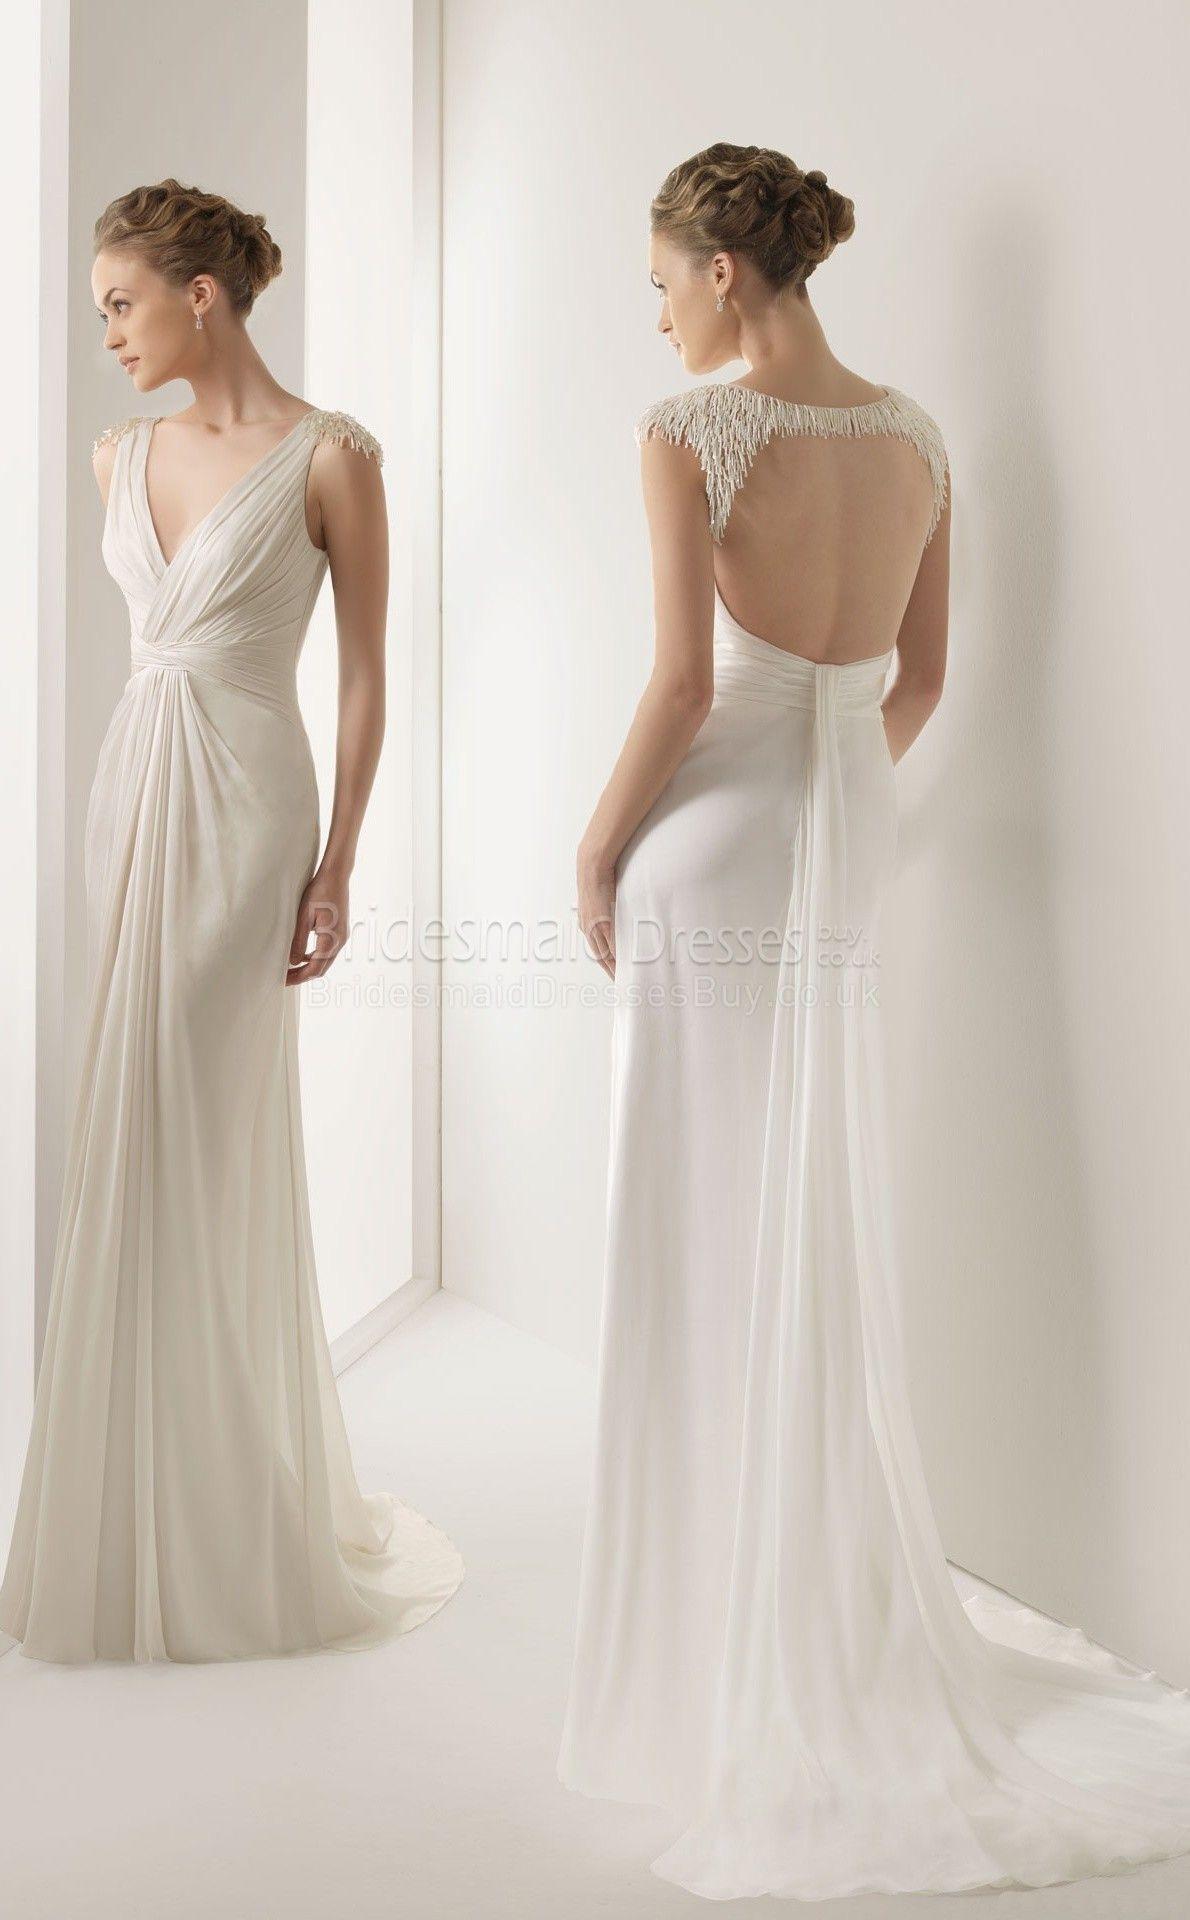 Best Winter Wedding Guest Dresses  Simple weddings Beach weddings